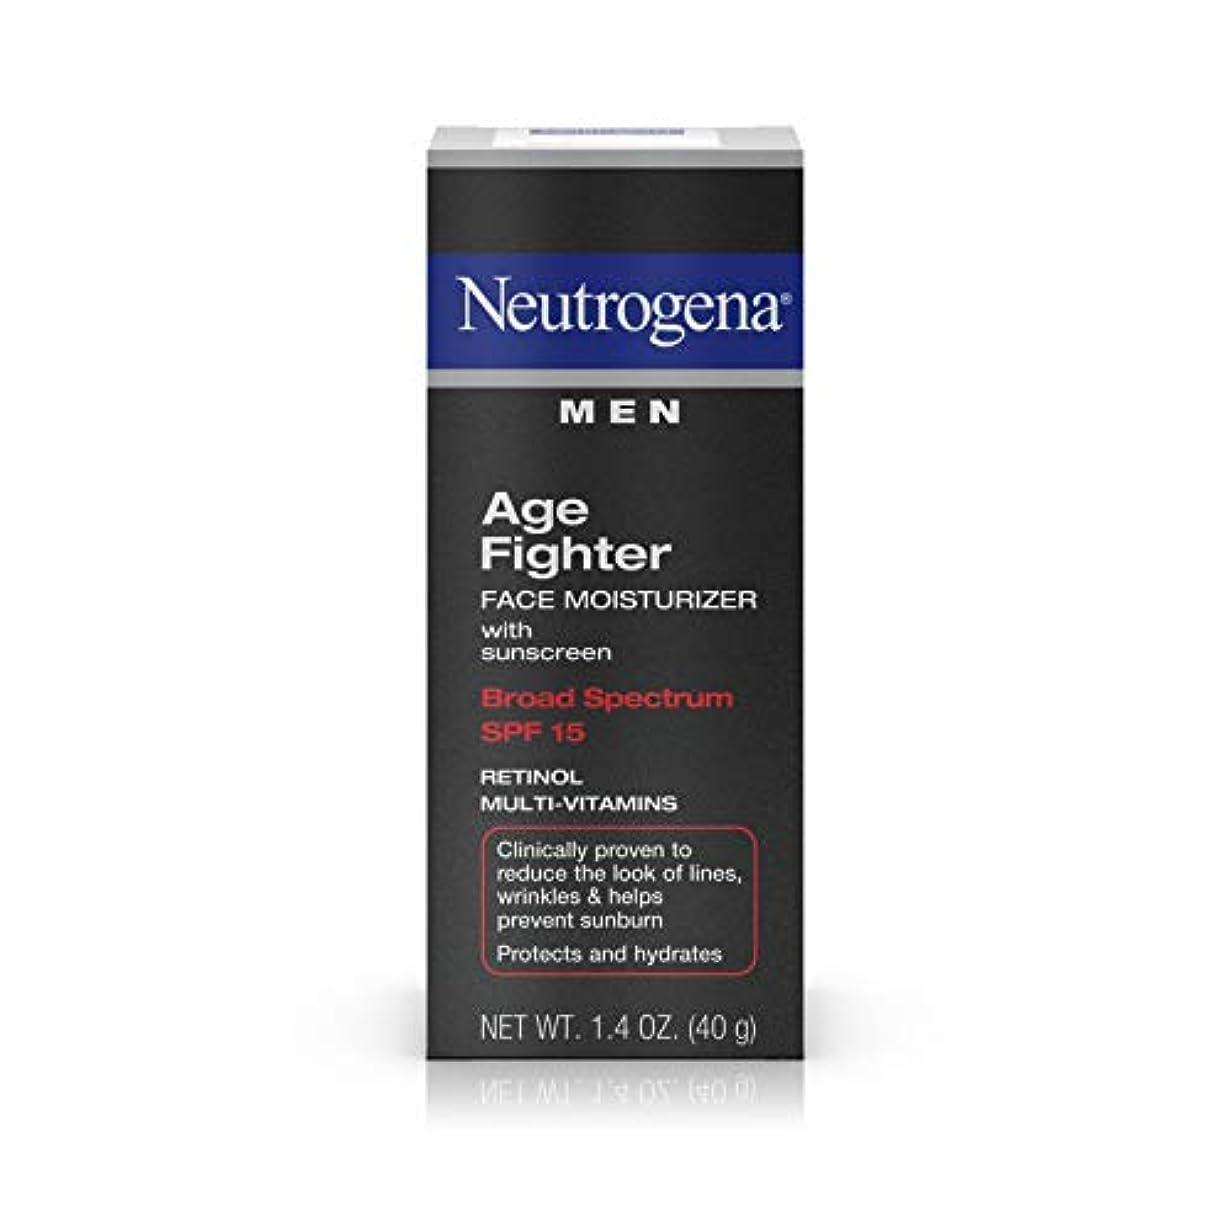 ギャンブル雑種荷物Neutrogena Men Age Fighter Face Moisturizer with sunscreen SPF 15 1.4oz.(40g) 男性用ニュートロジーナ メン エイジ ファイター フェイス モイスチャライザー